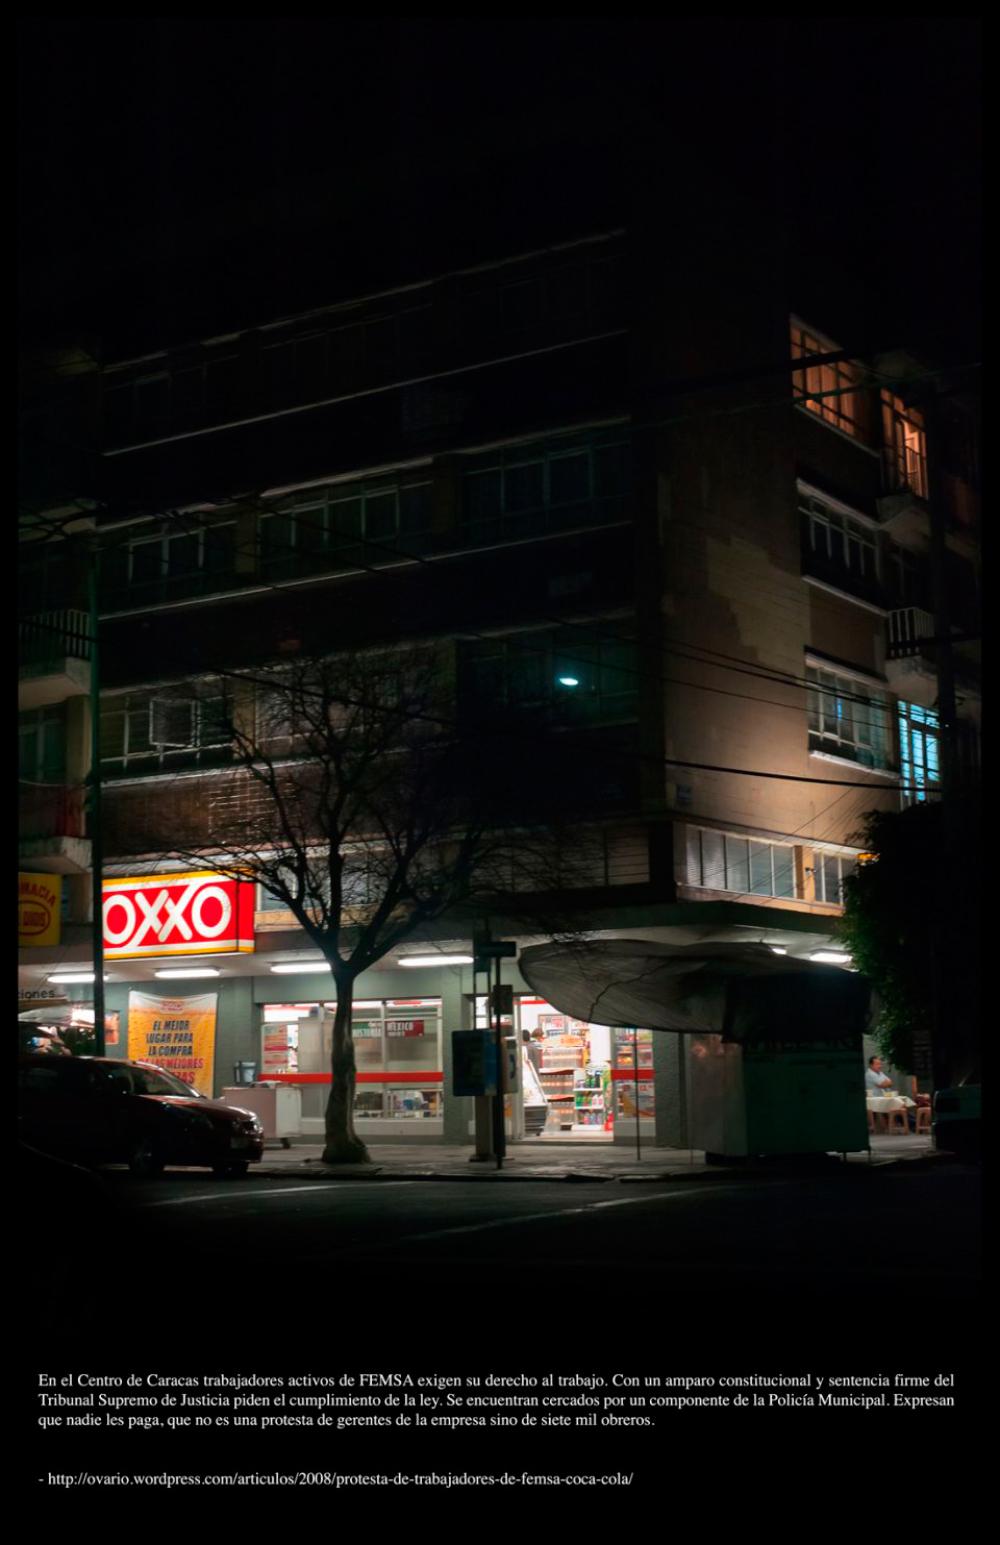 Oxxoland